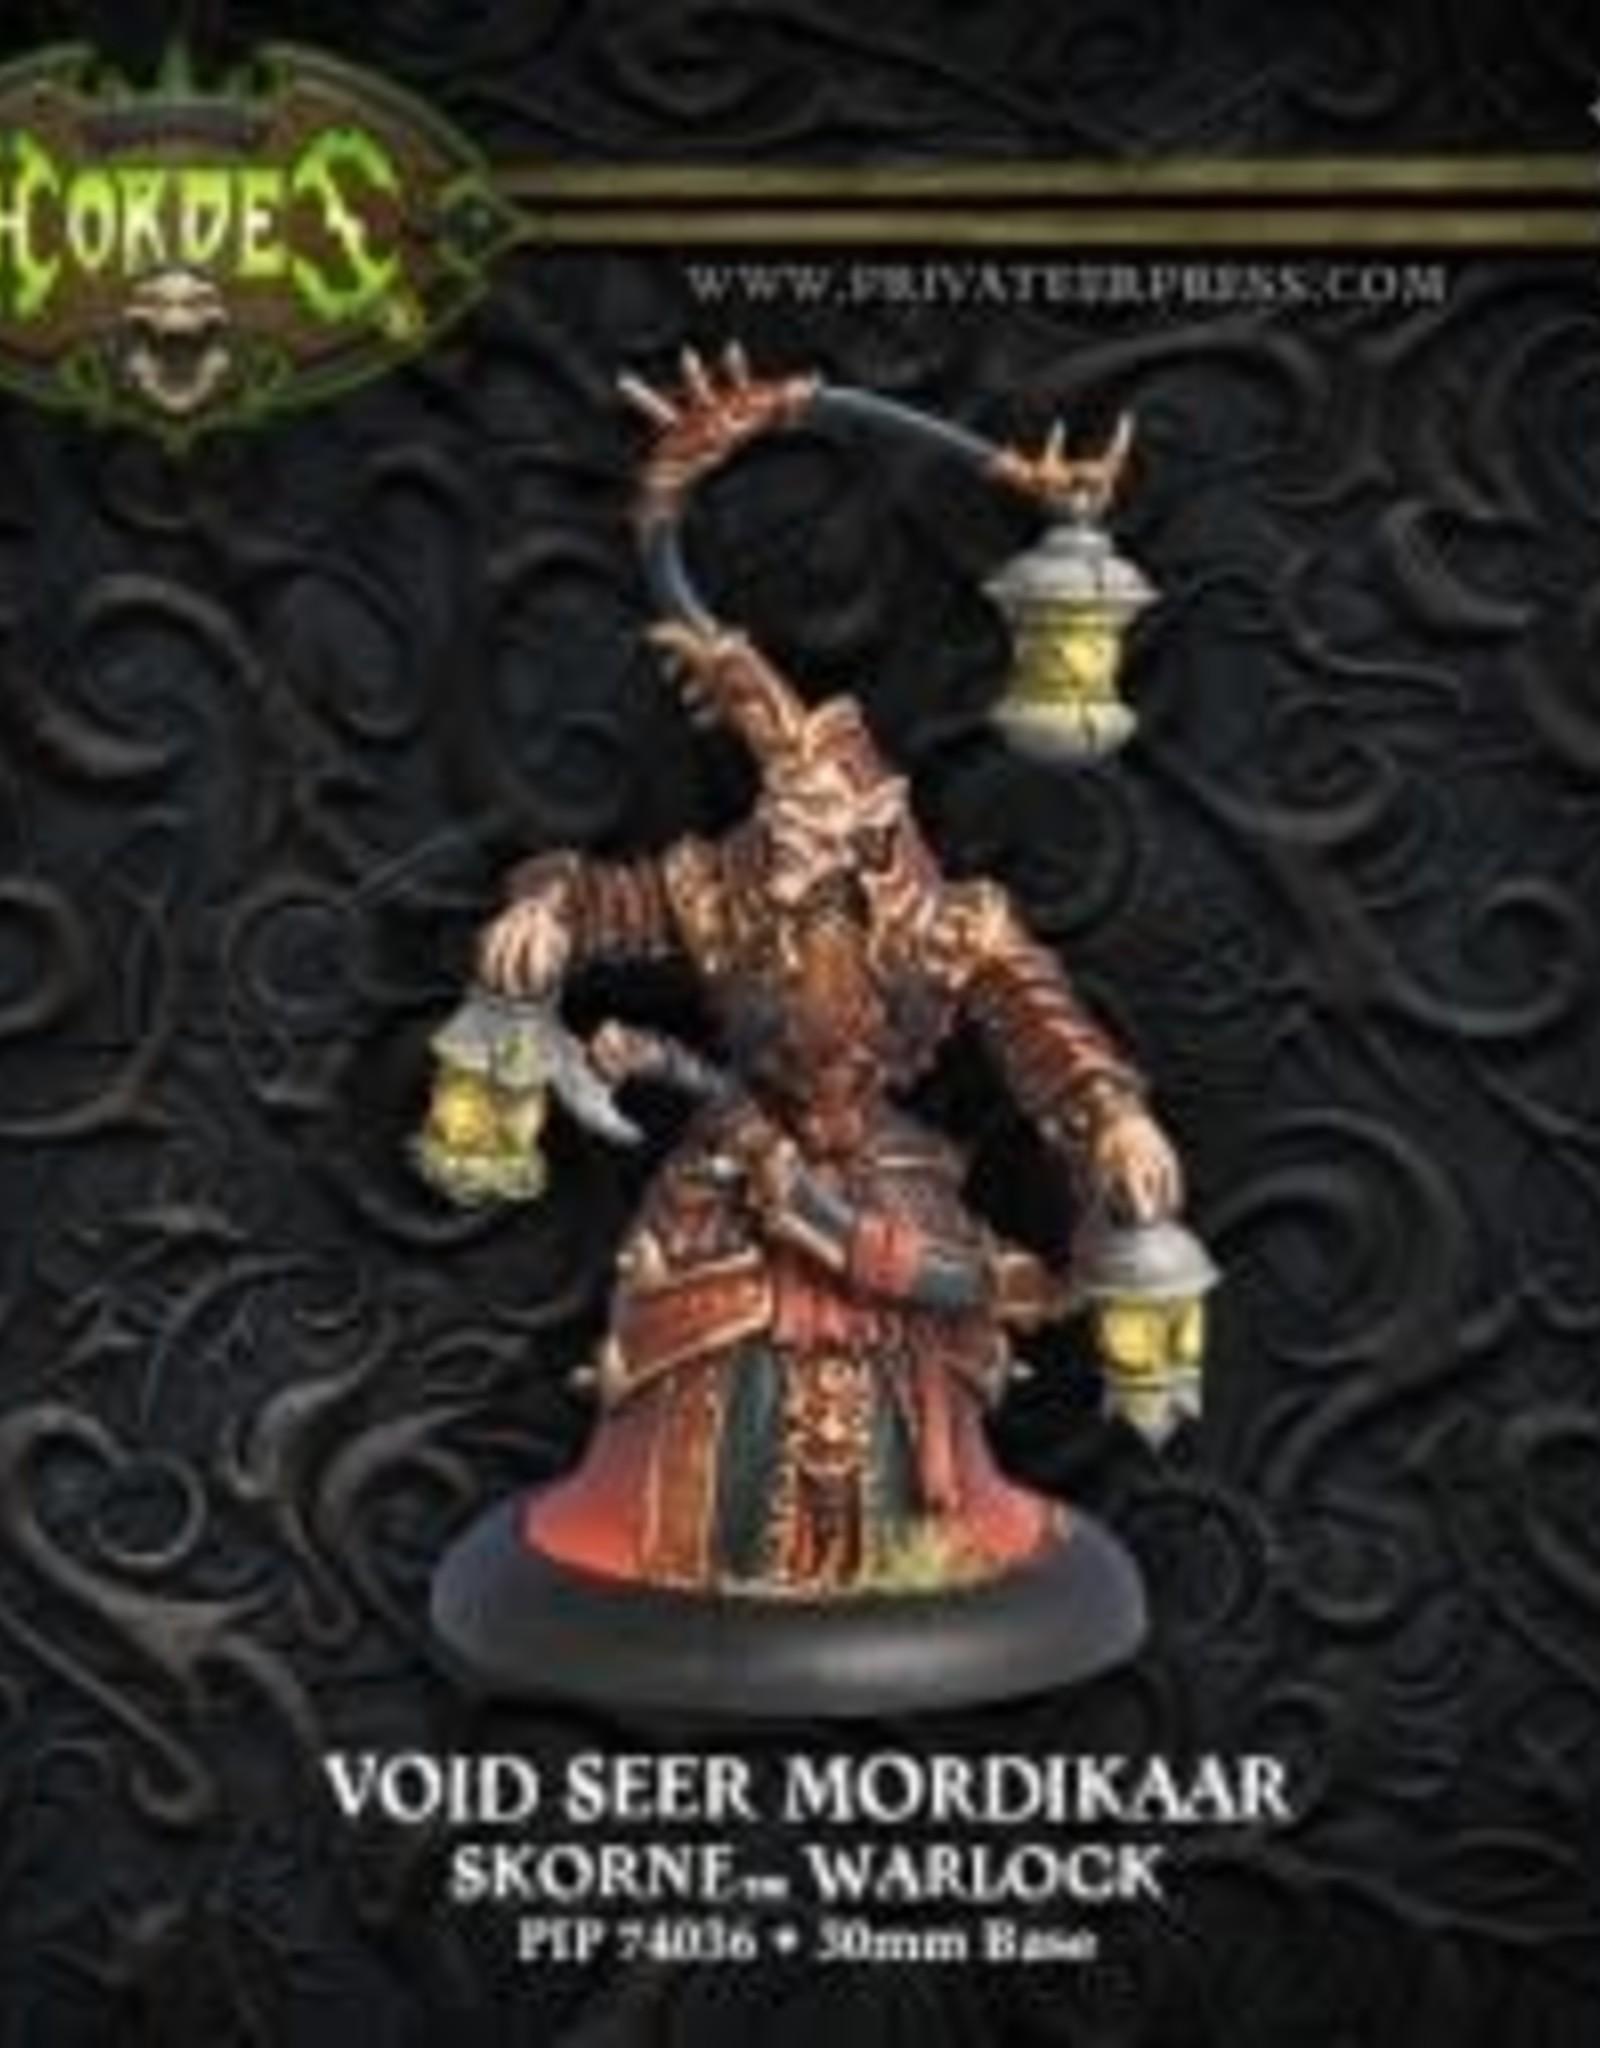 Hordes Skorne - Void Seer Mordikaar